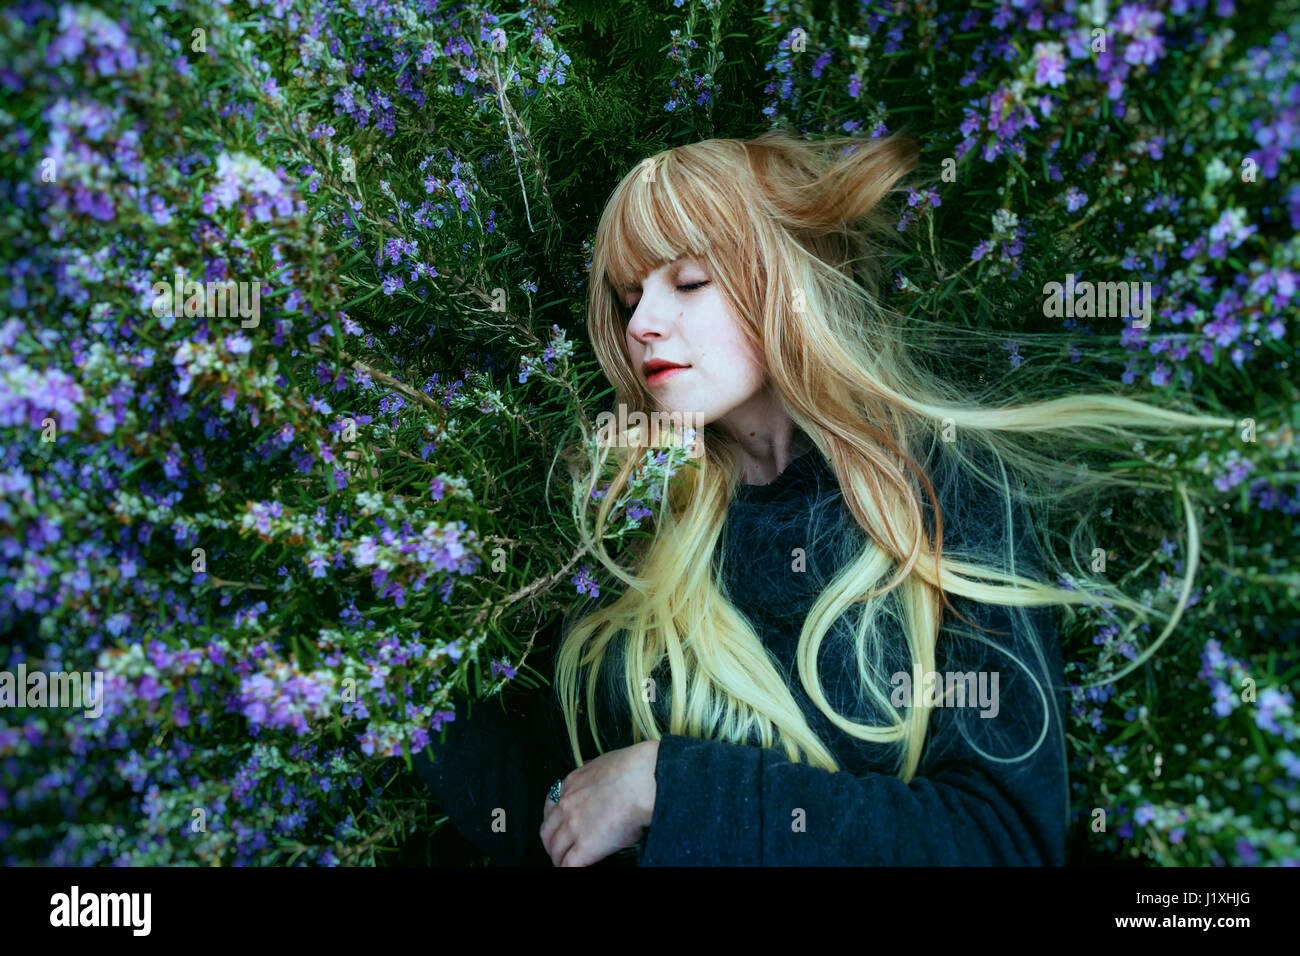 Junge Frau in einem Rosmarin-Busch liegend Stockbild